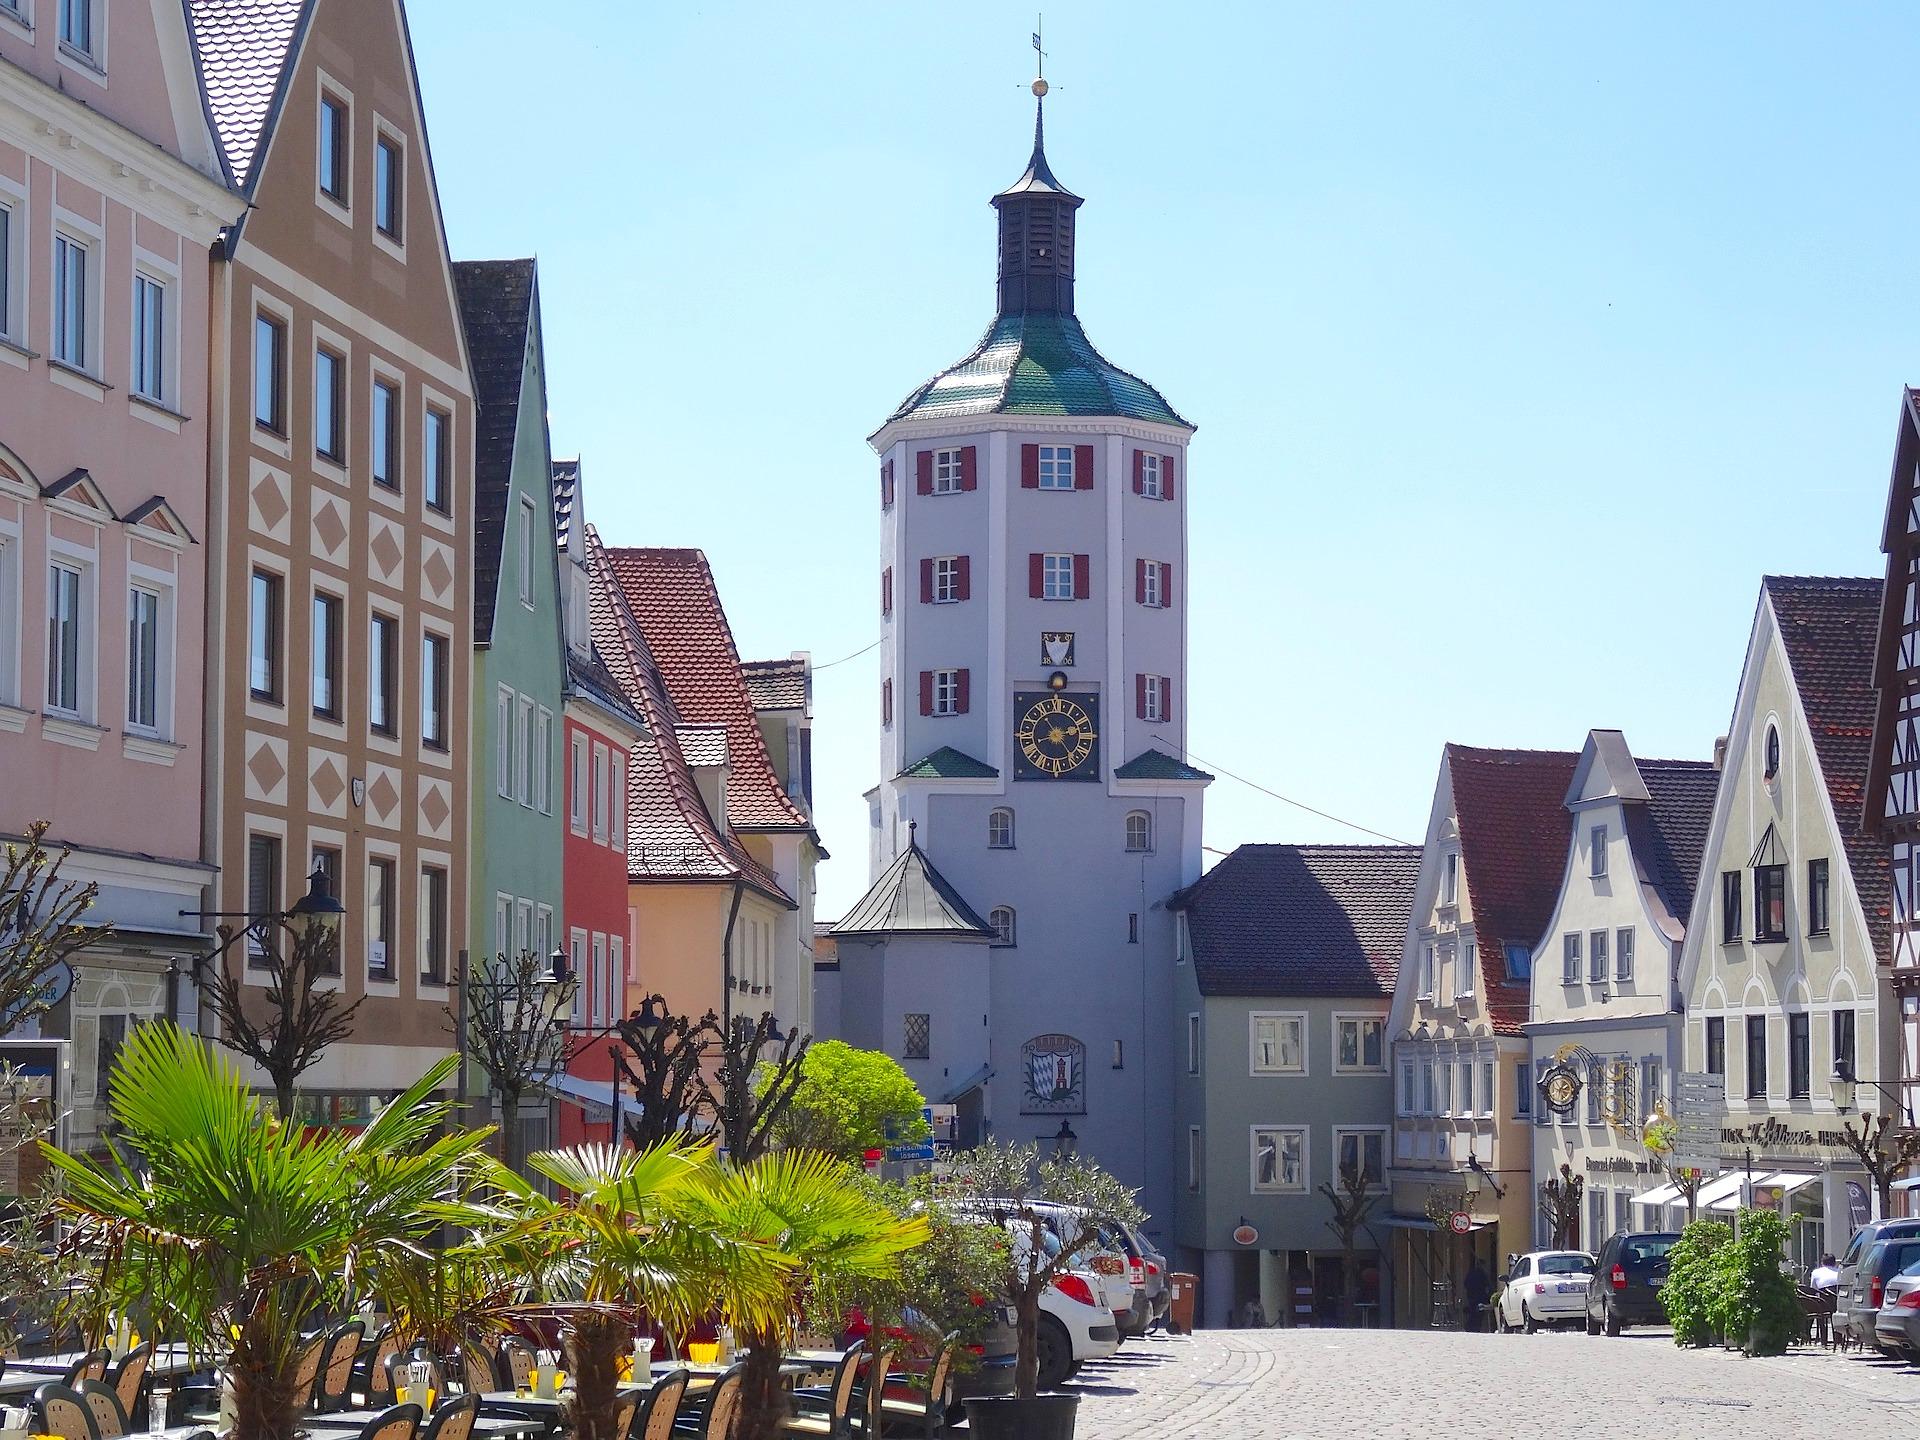 Günzburg - Schöne Altstadt & Stadttor - Bayern